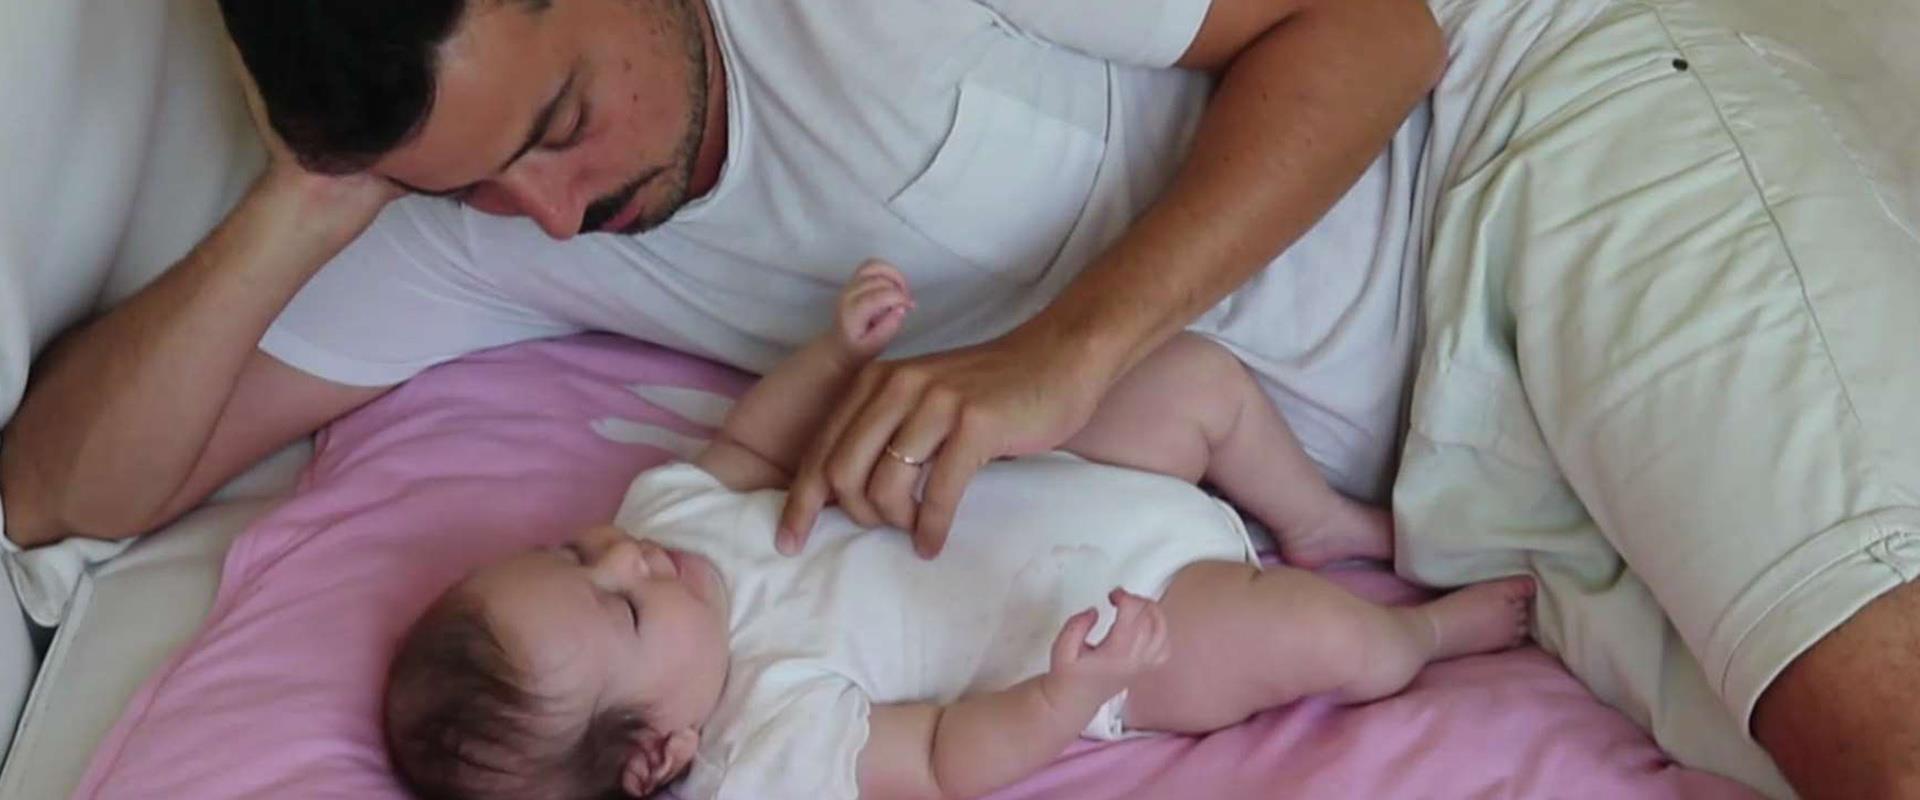 """""""אנחנו ממציאים אבהות"""": האבות החדשים שרוצים להיות י"""